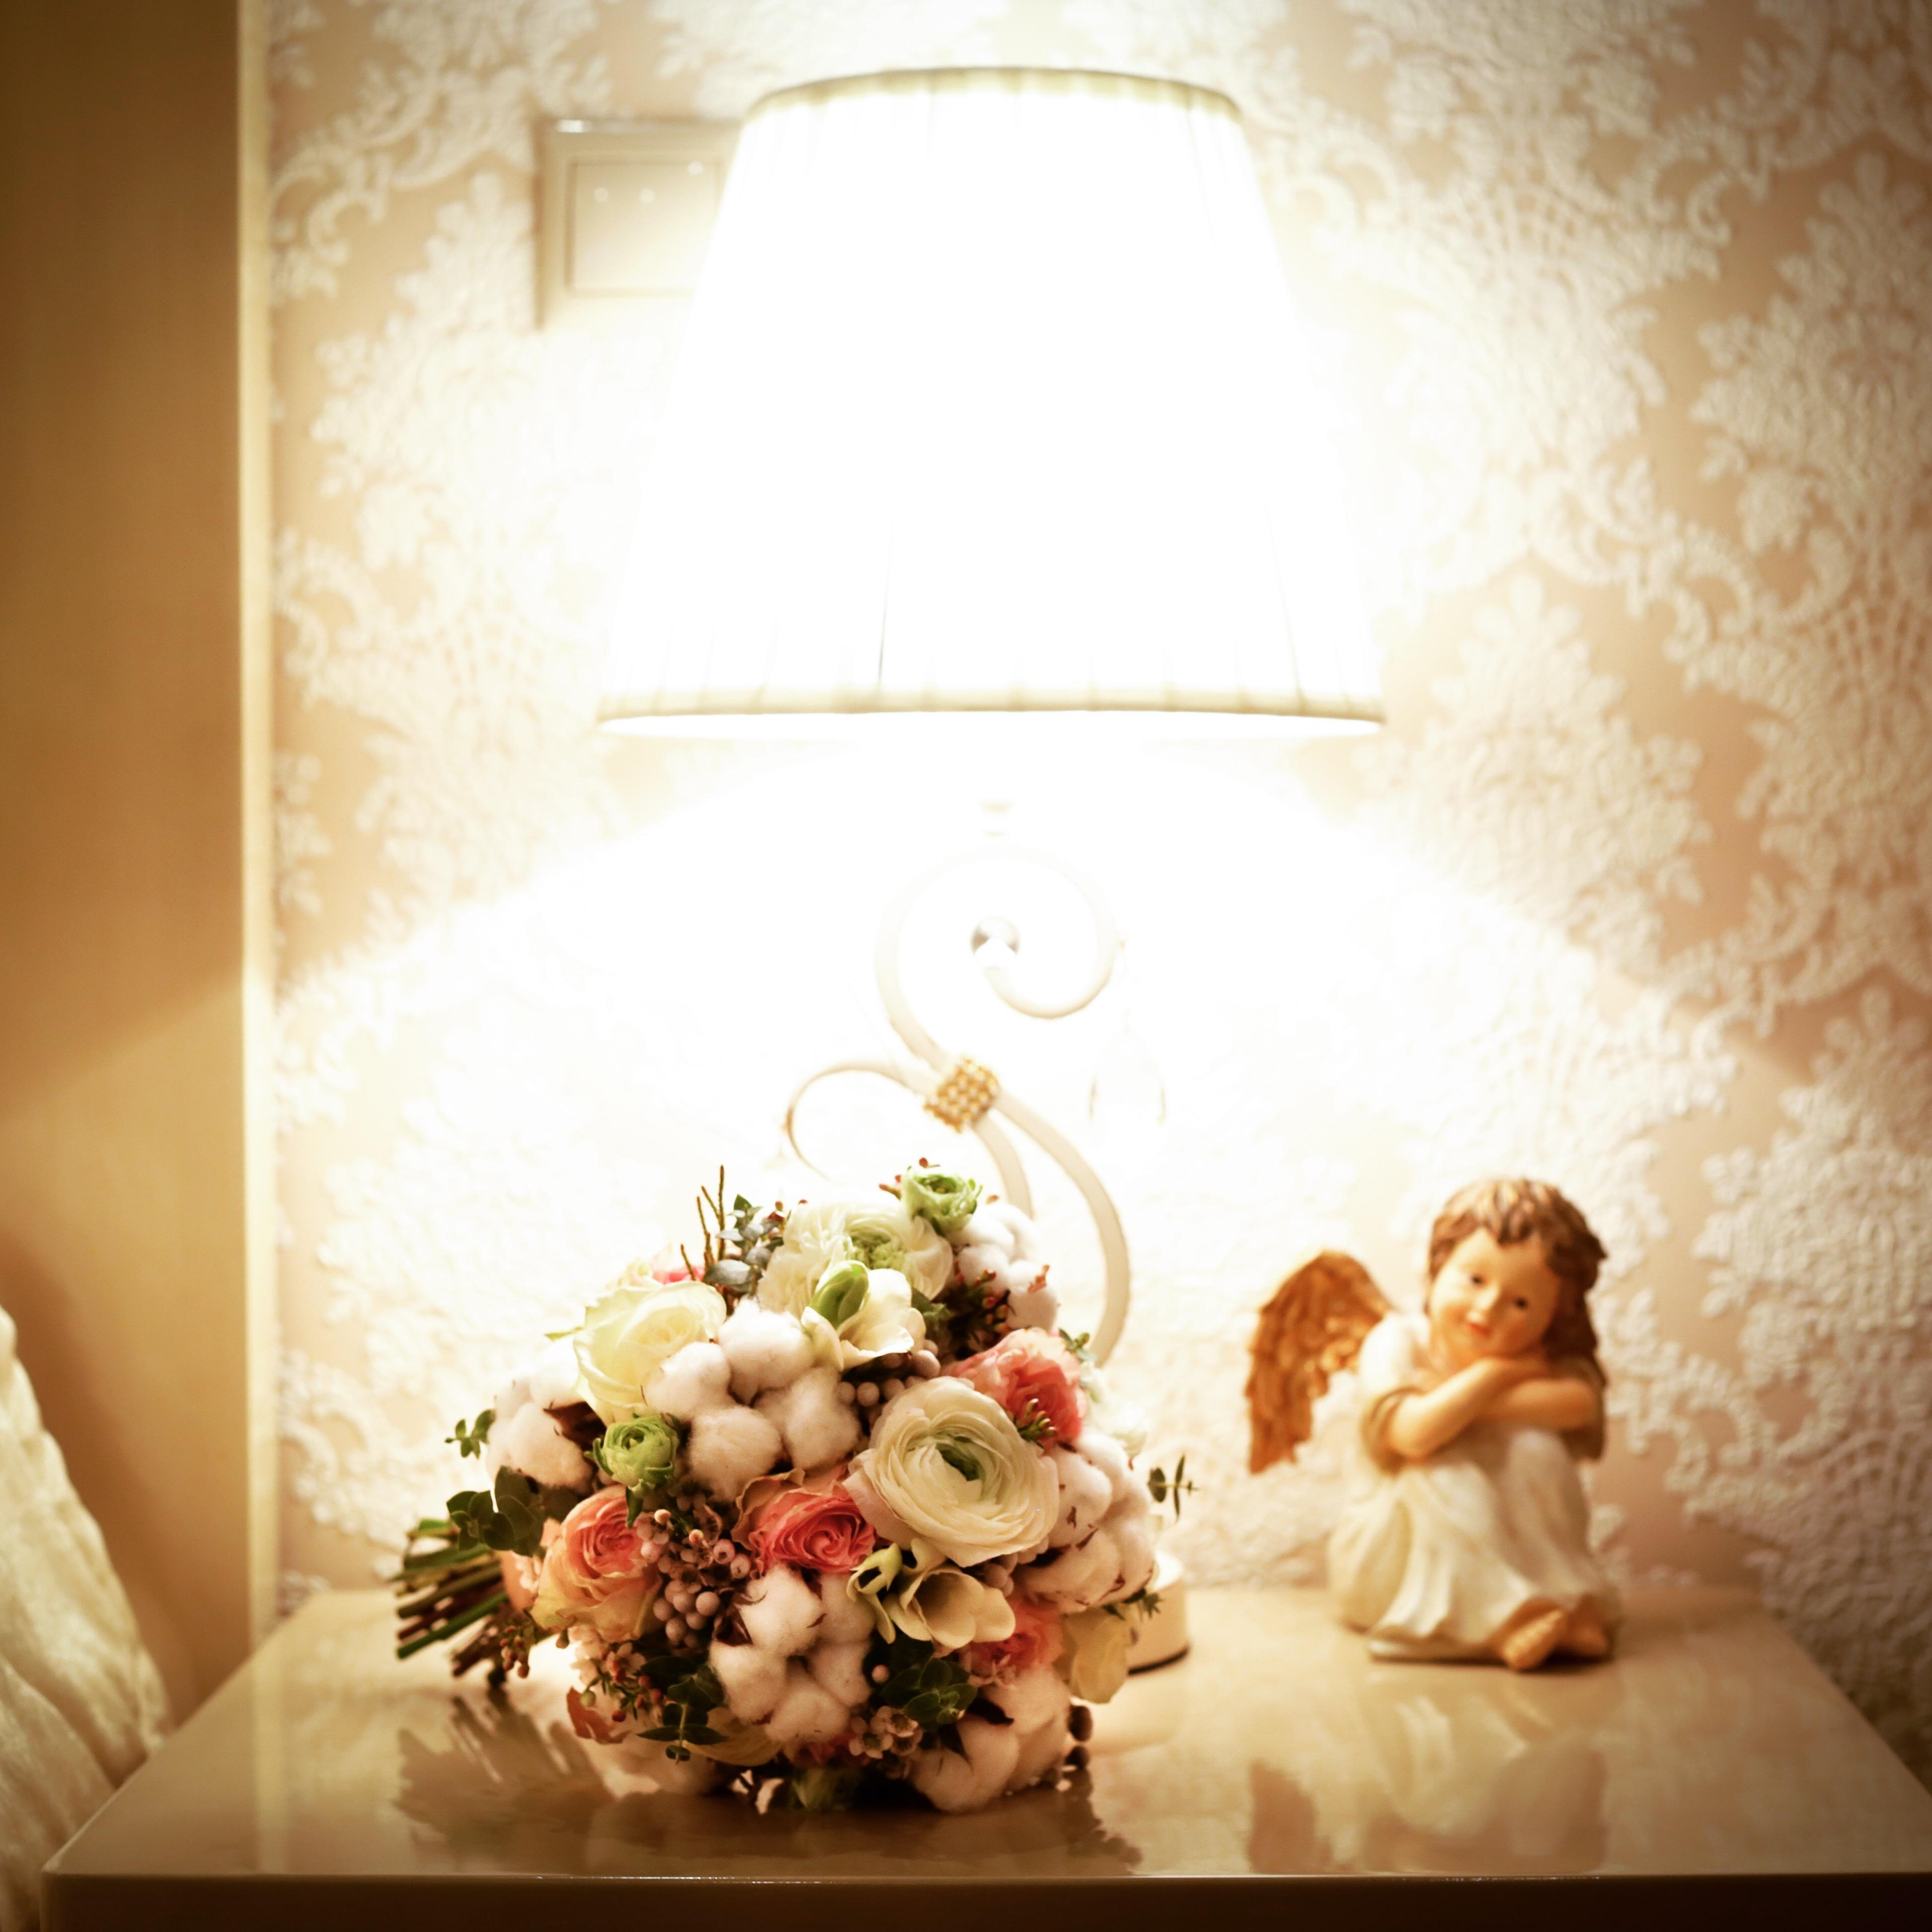 Оформление свадьбы. Букет невесты